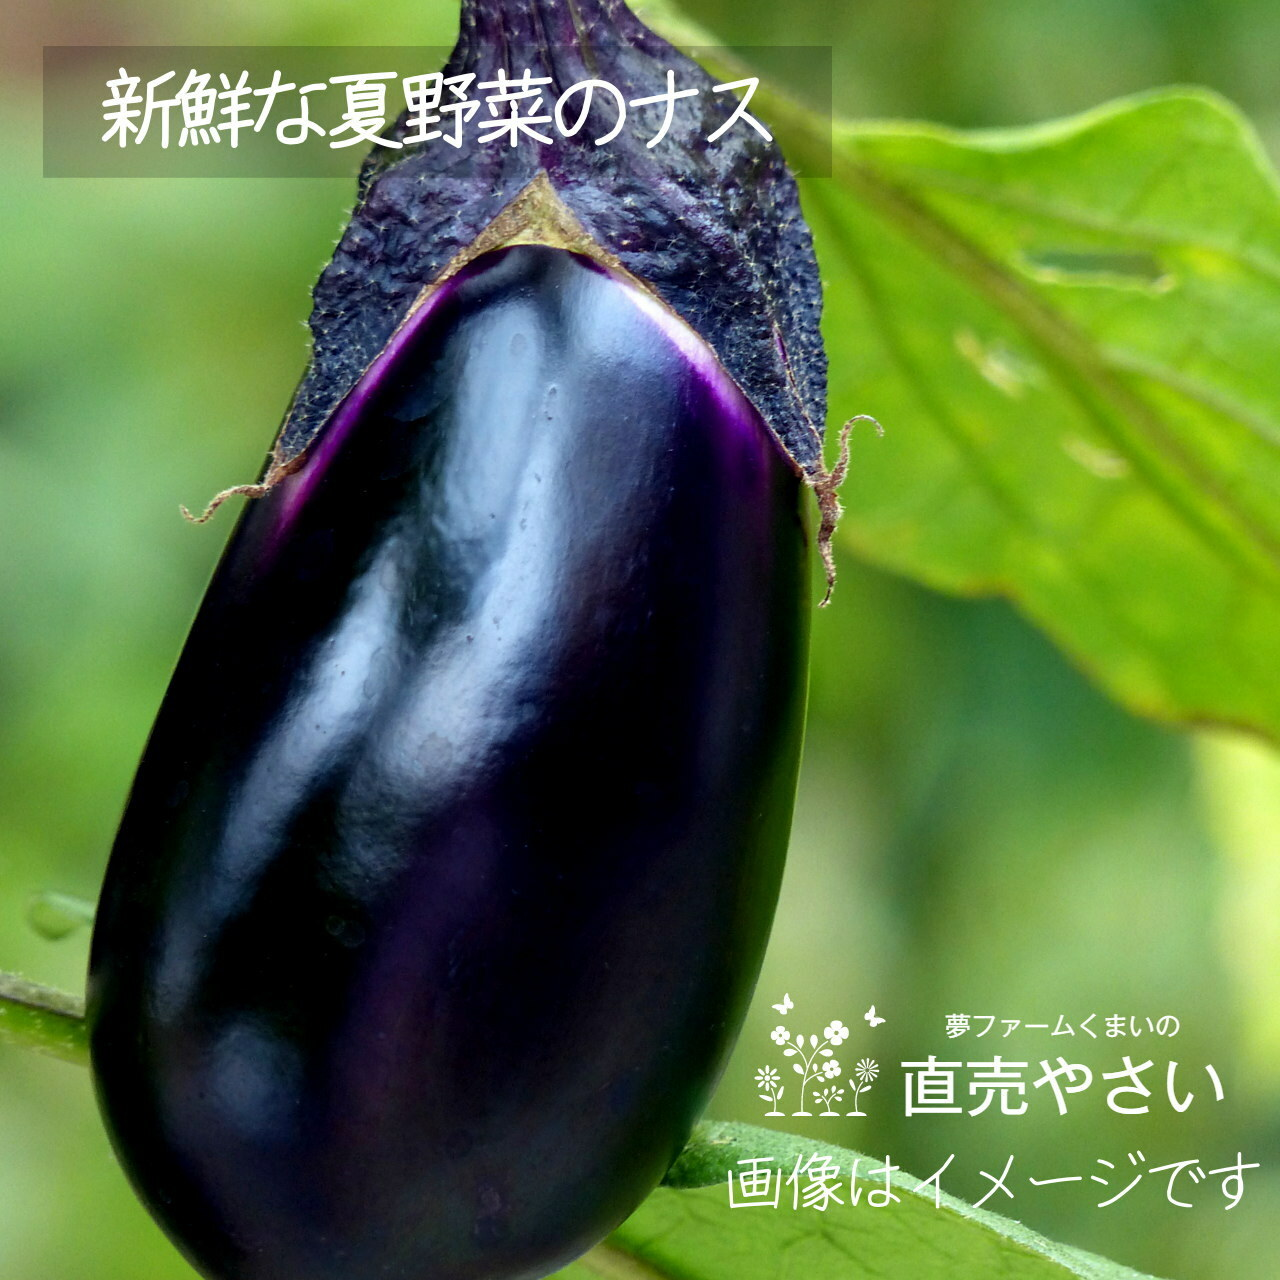 7月の新鮮な夏野菜 : ナス 約400g 朝採り直売野菜 7月18日発送予定